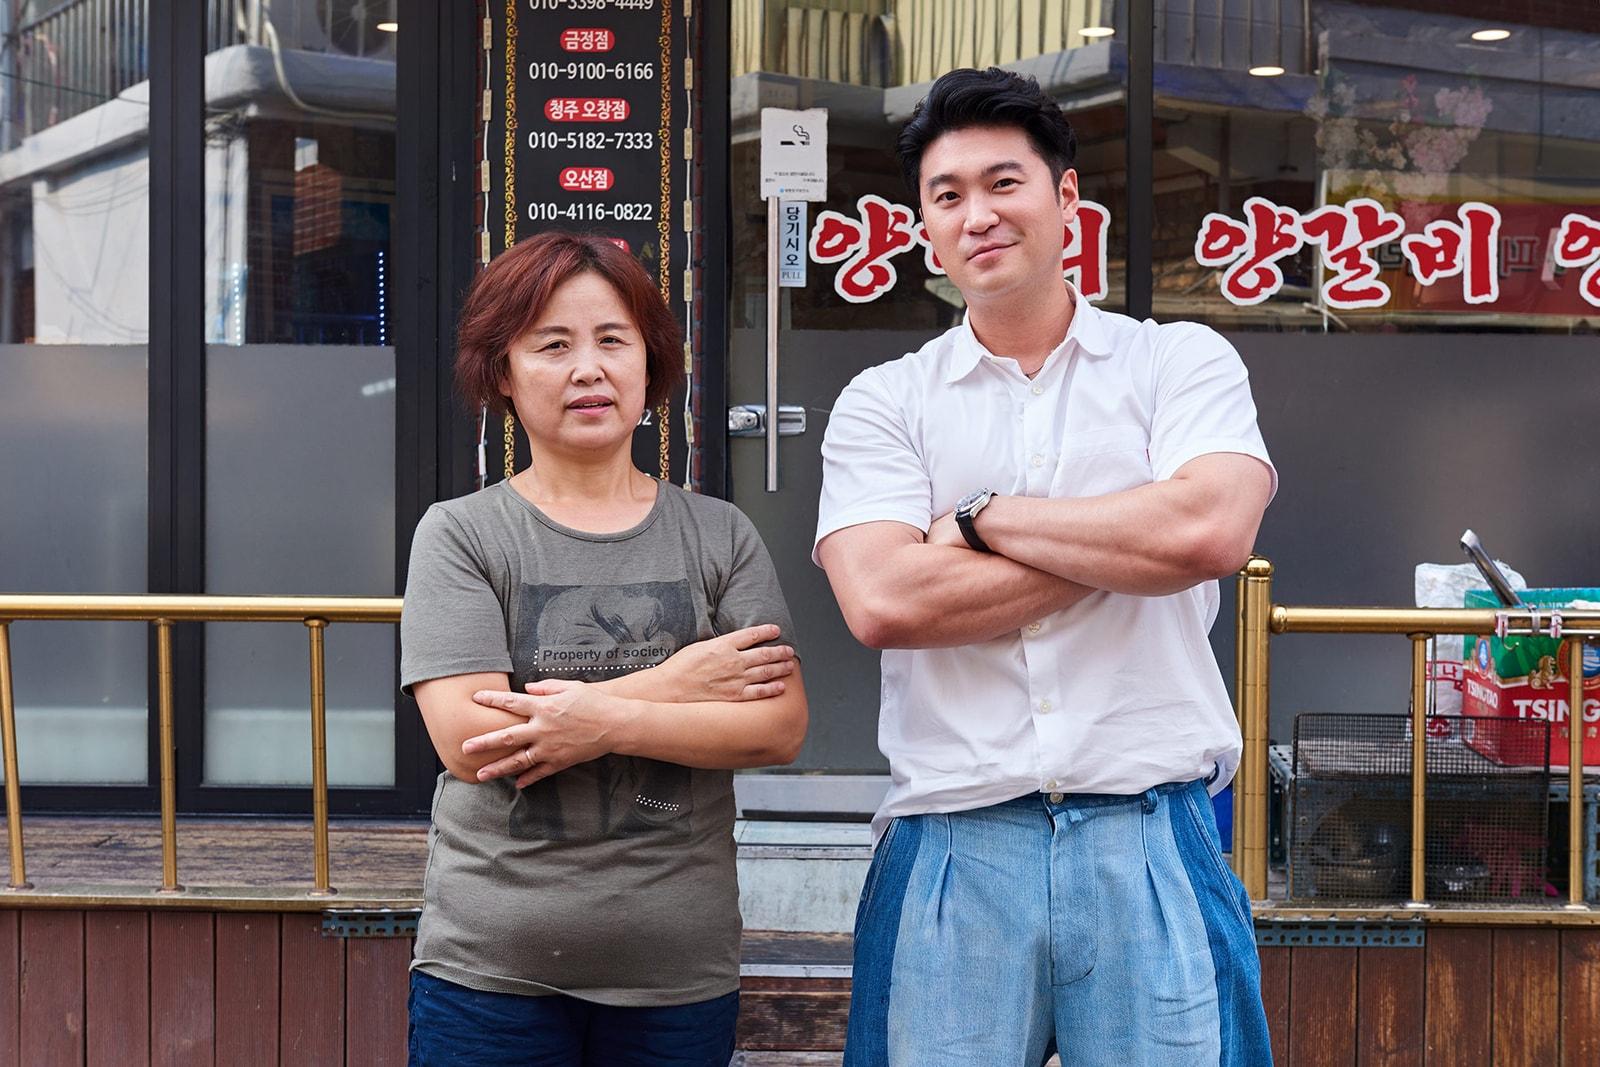 최자로드 시즌 2 - Ep.4 맛의 범죄 도시 대림동 양다리 구이 줘마 양다리 구이 만두